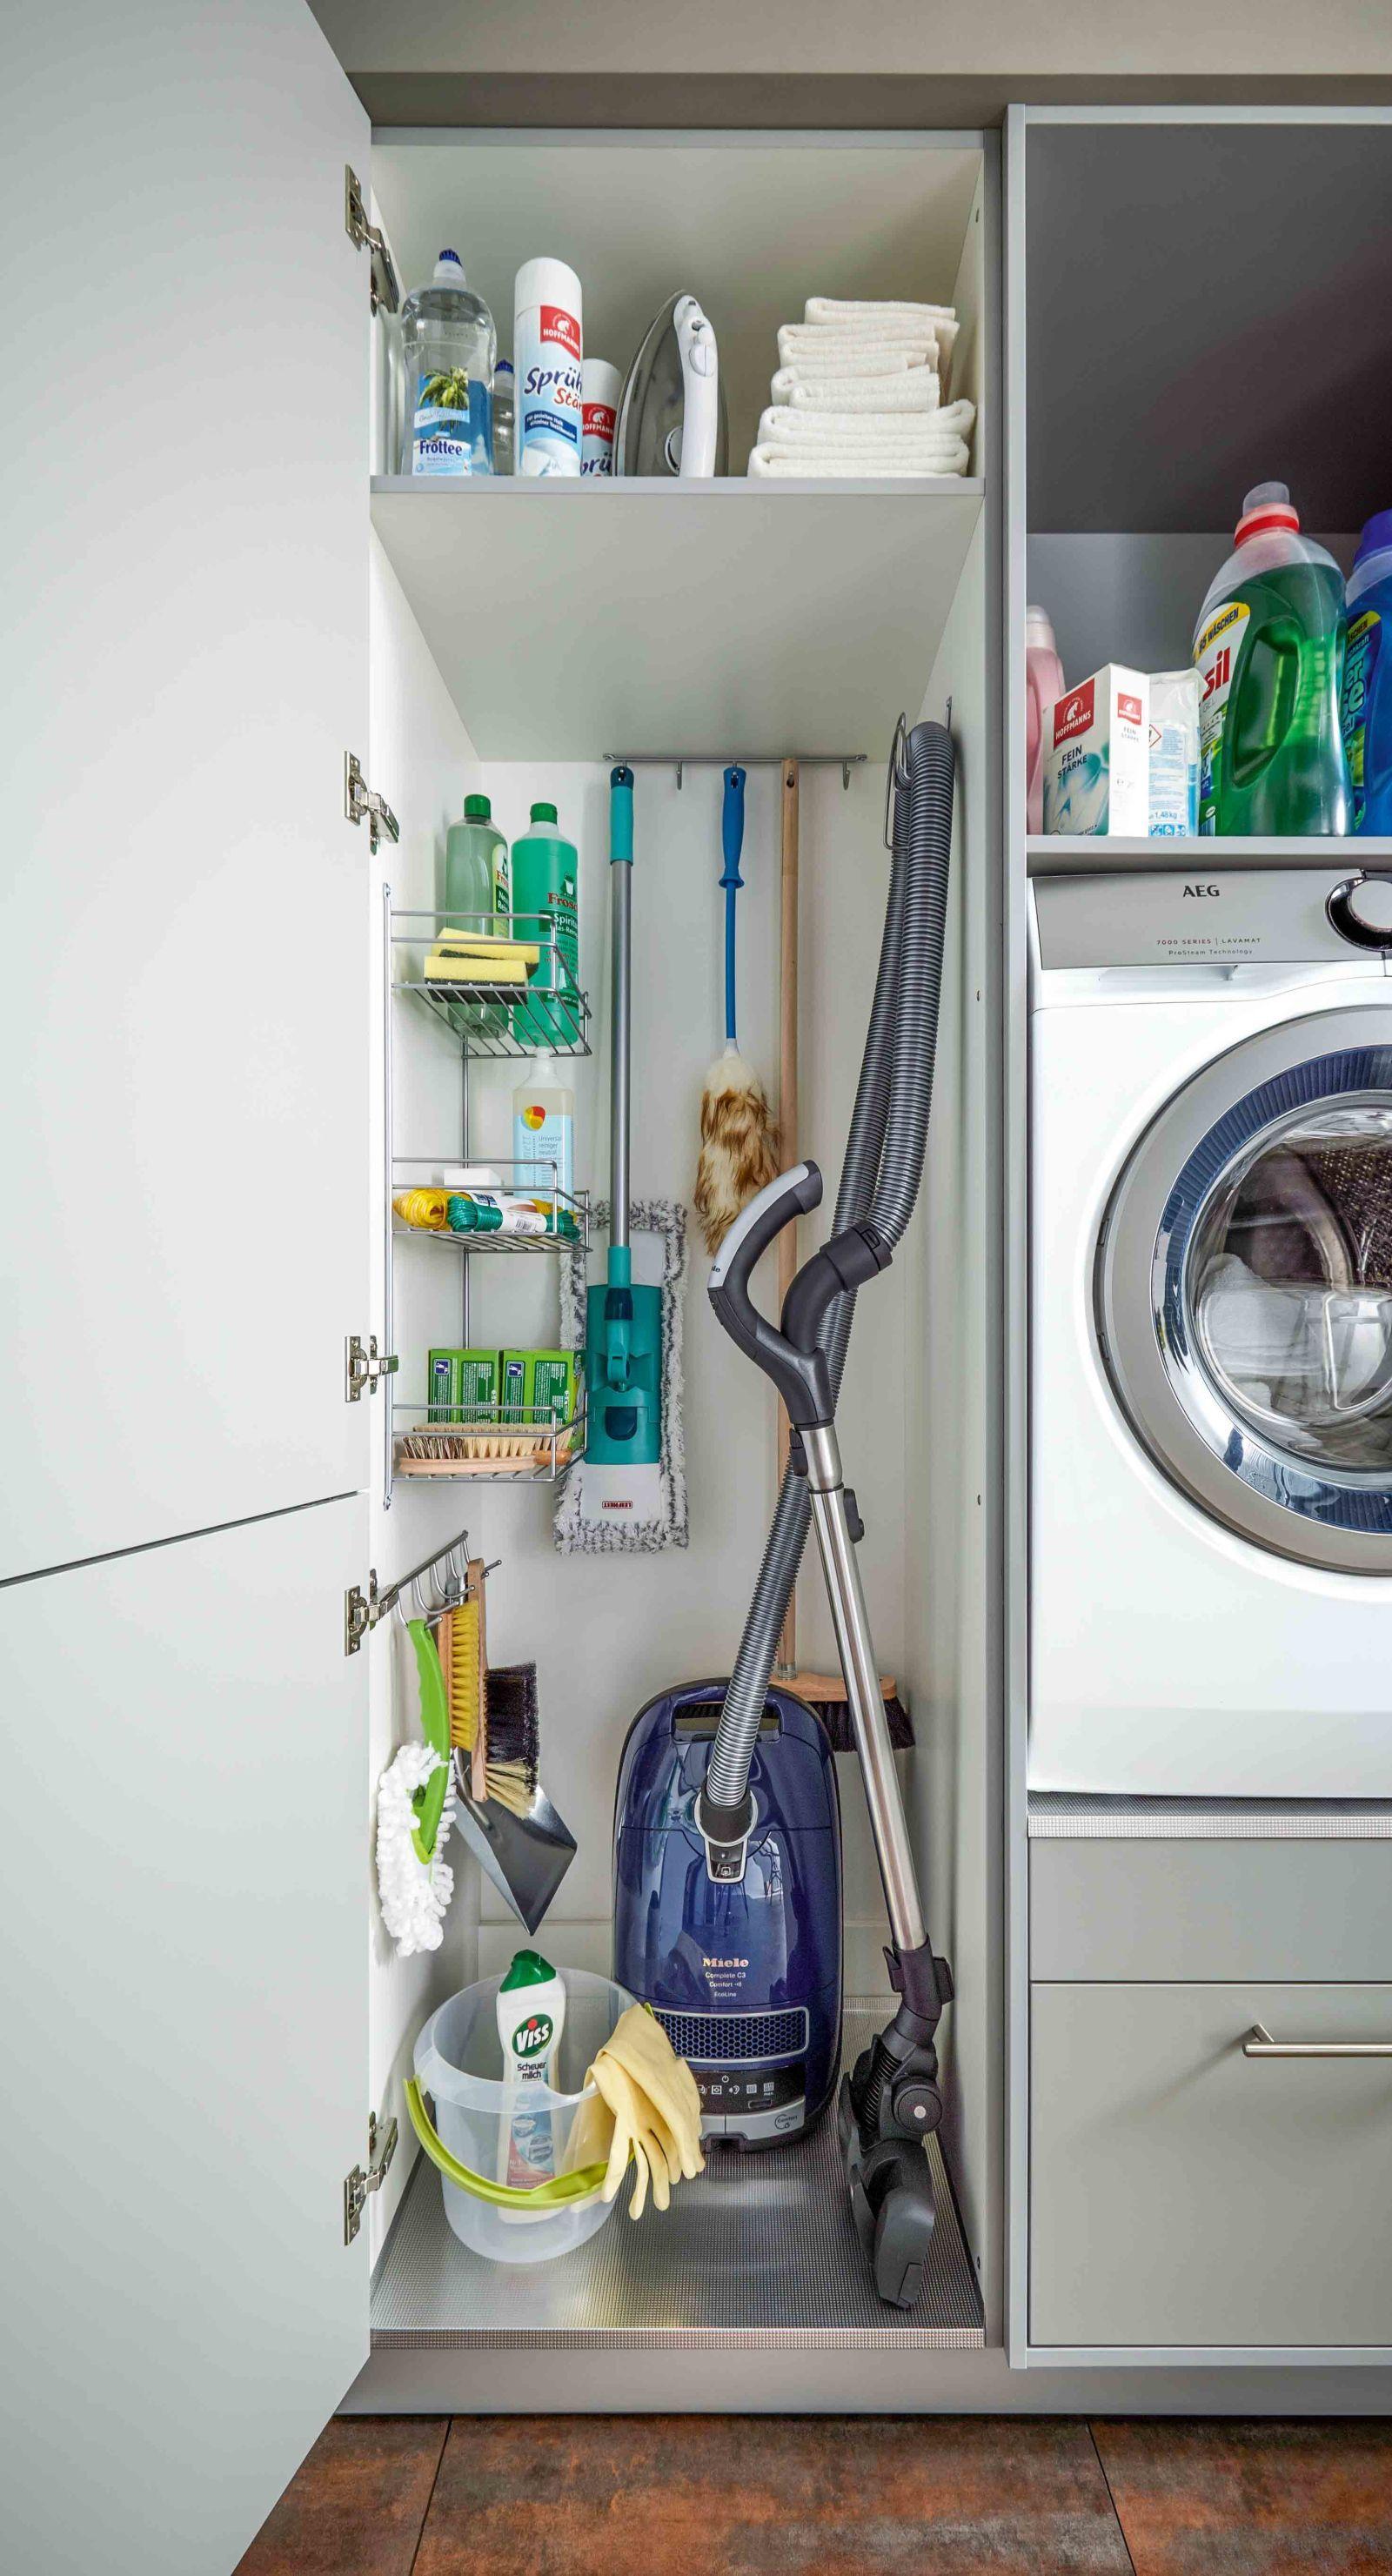 Make Everyday Tasks Simple With These Utility Room Storage Ideas современные прачечные кладовка в прачечной небольшие ванные комнаты